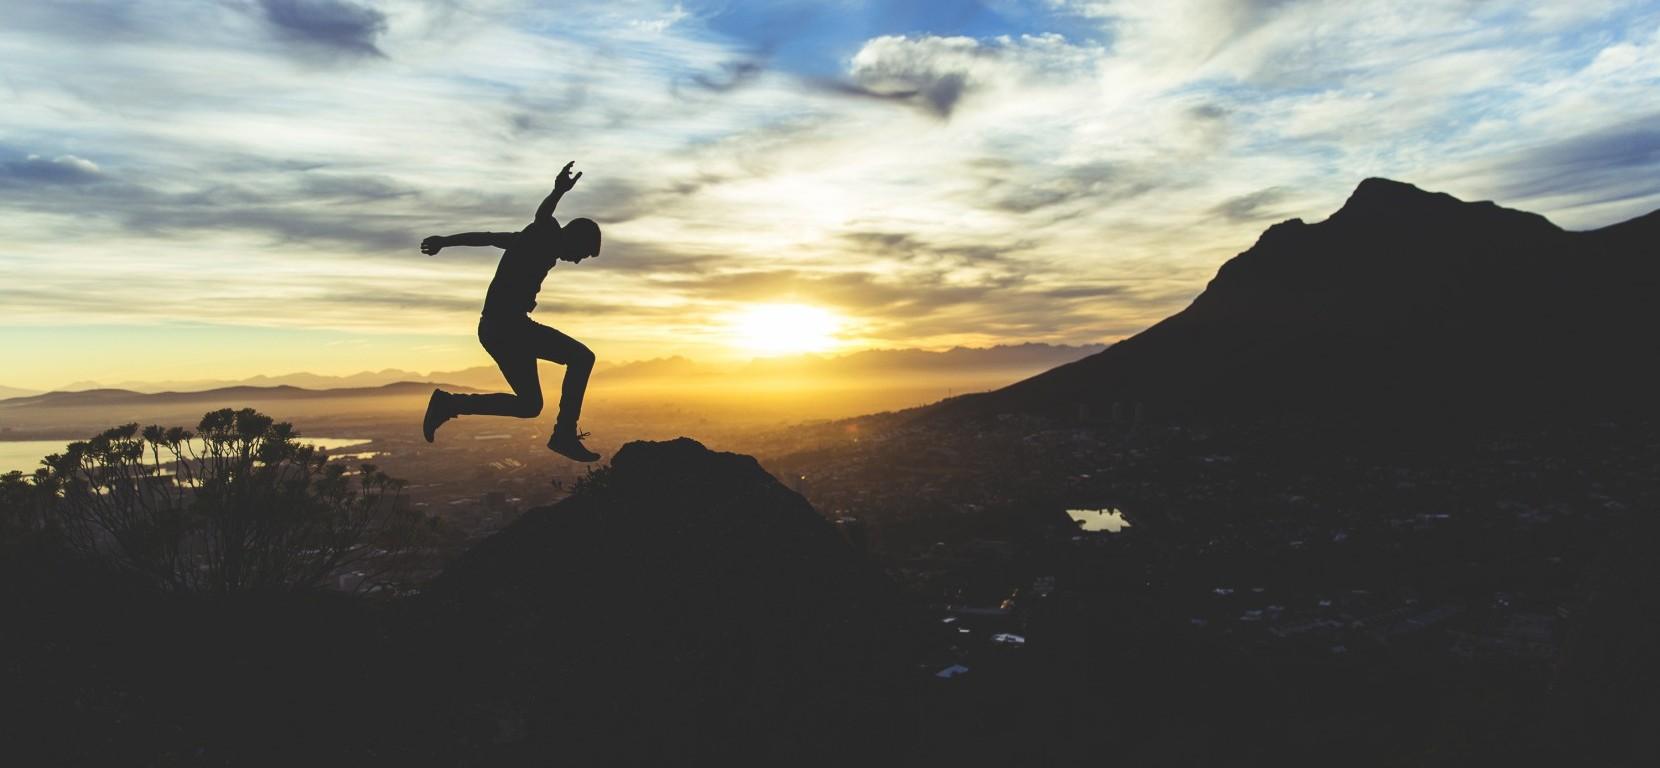 мотивация, самомотивация, самосовершенствование, успех, путешествия, мир, новая жизнь